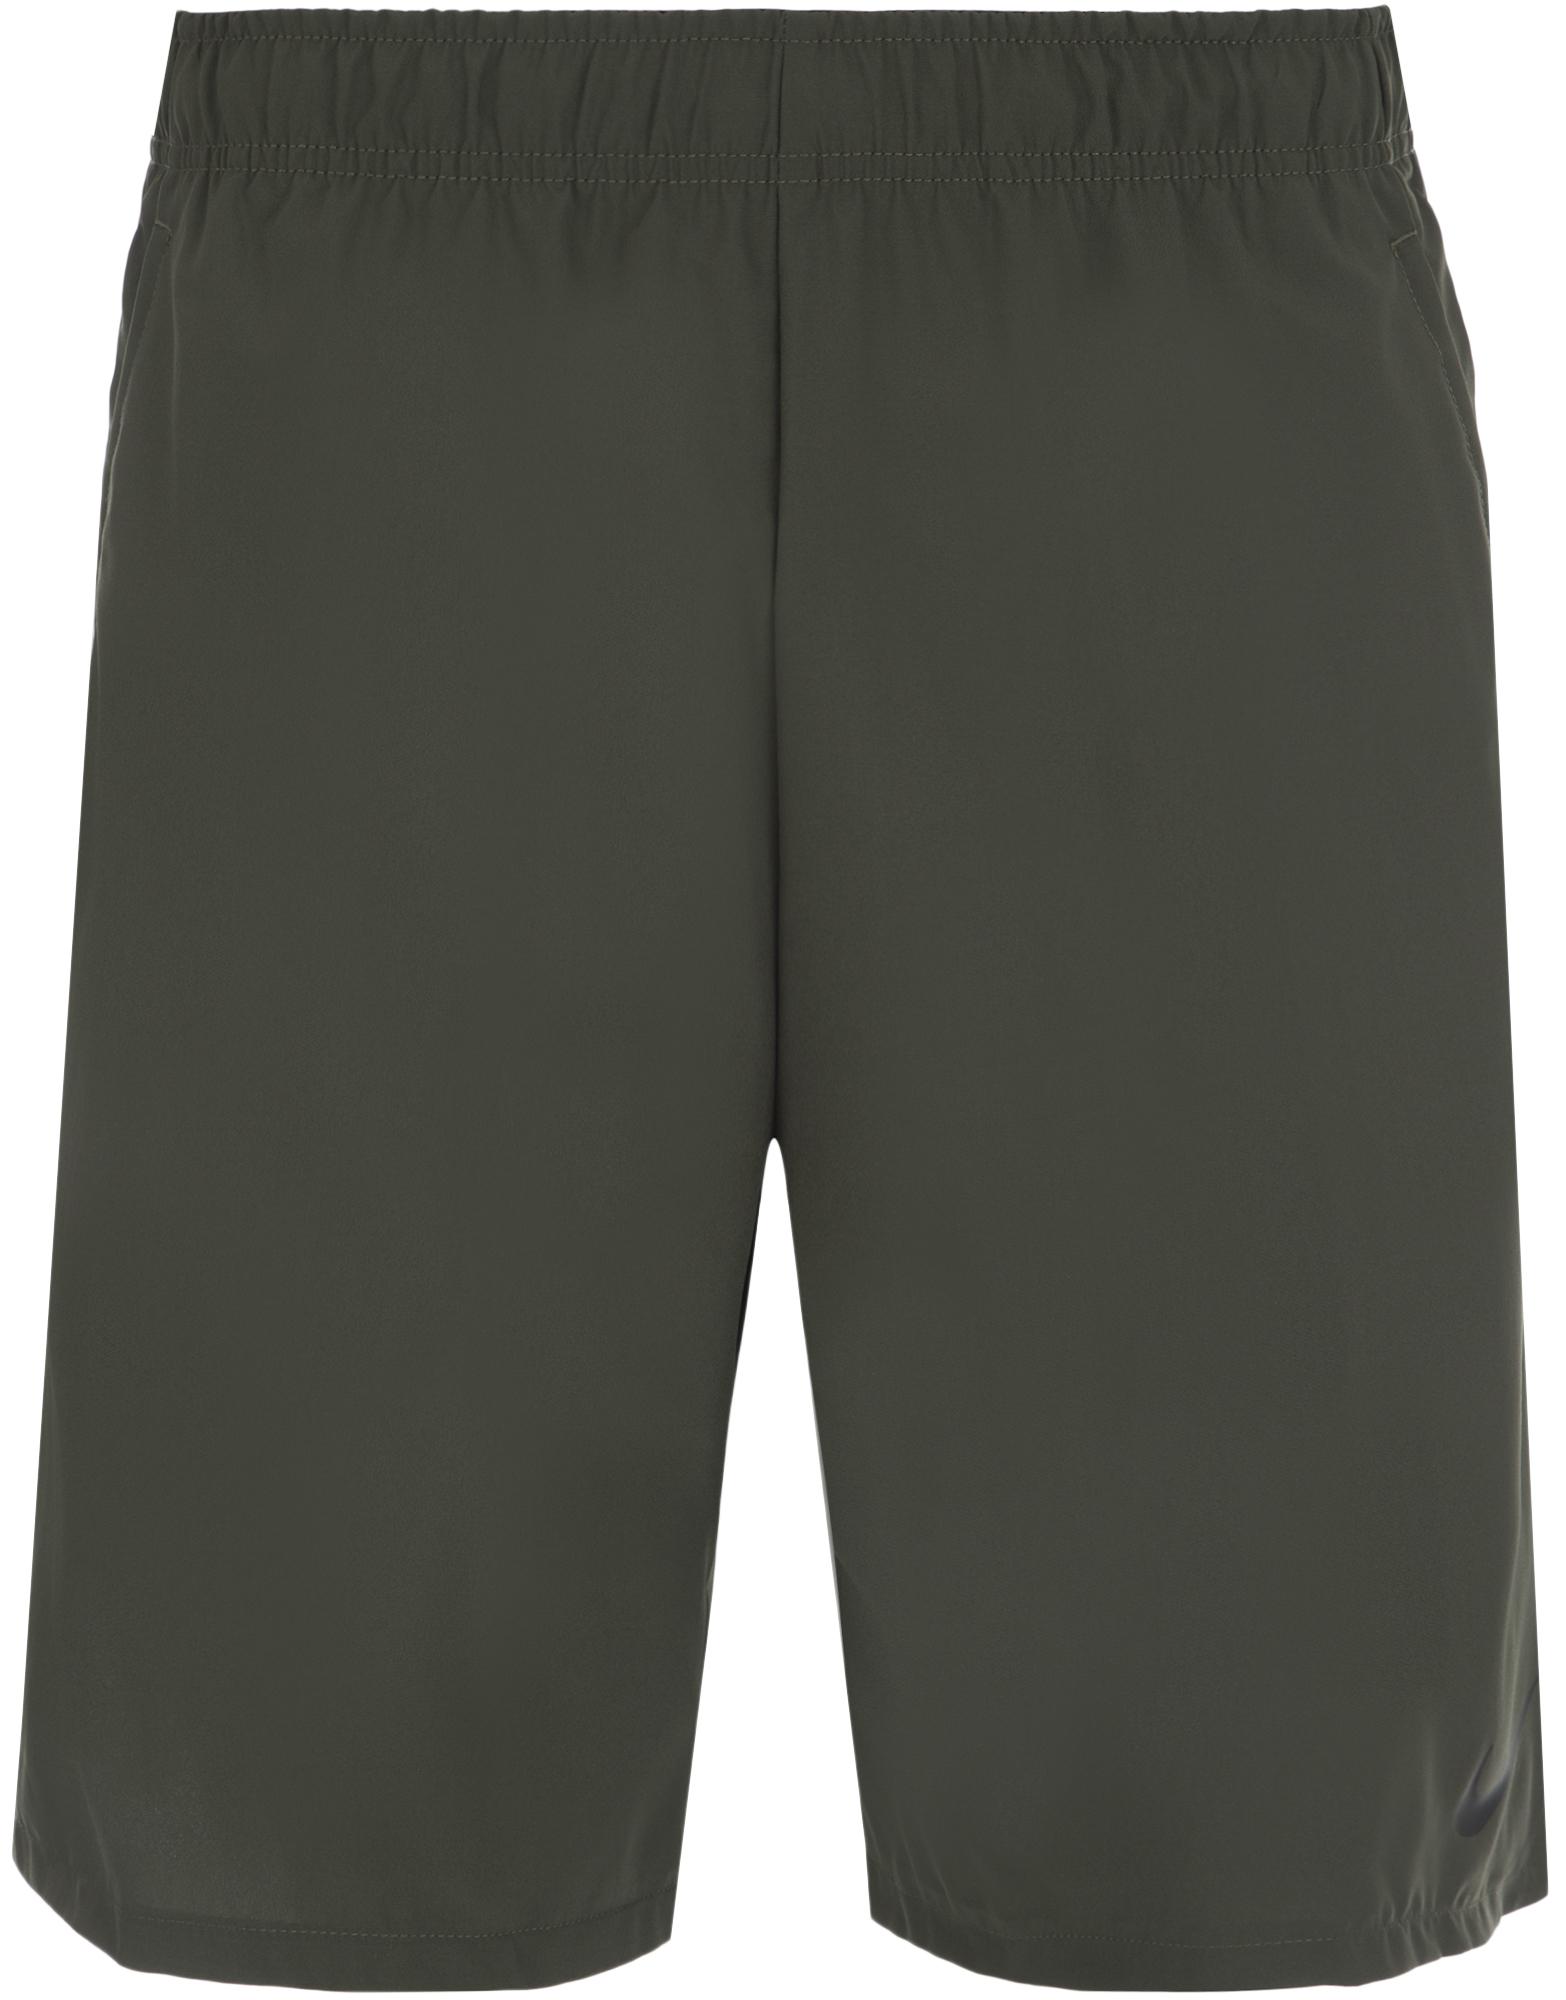 Nike Шорты мужские Flex, размер 54-56